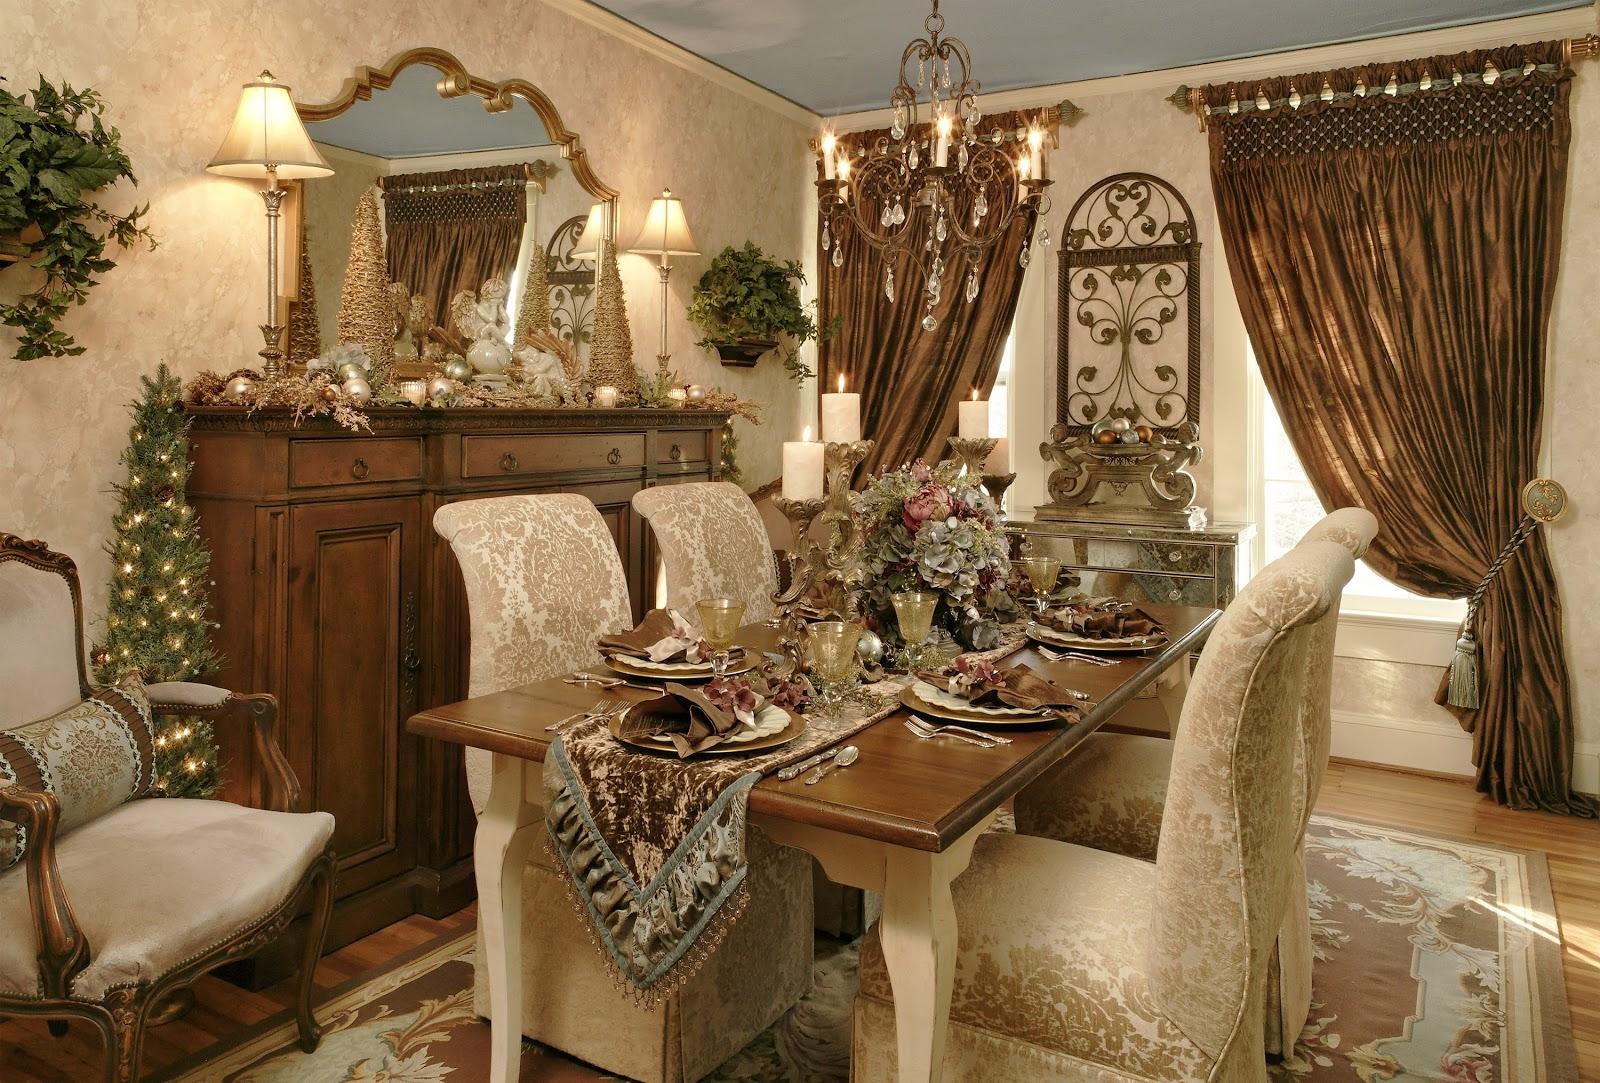 Dining Room Modern Thanksgiving Dinner Table Settings And Full ...